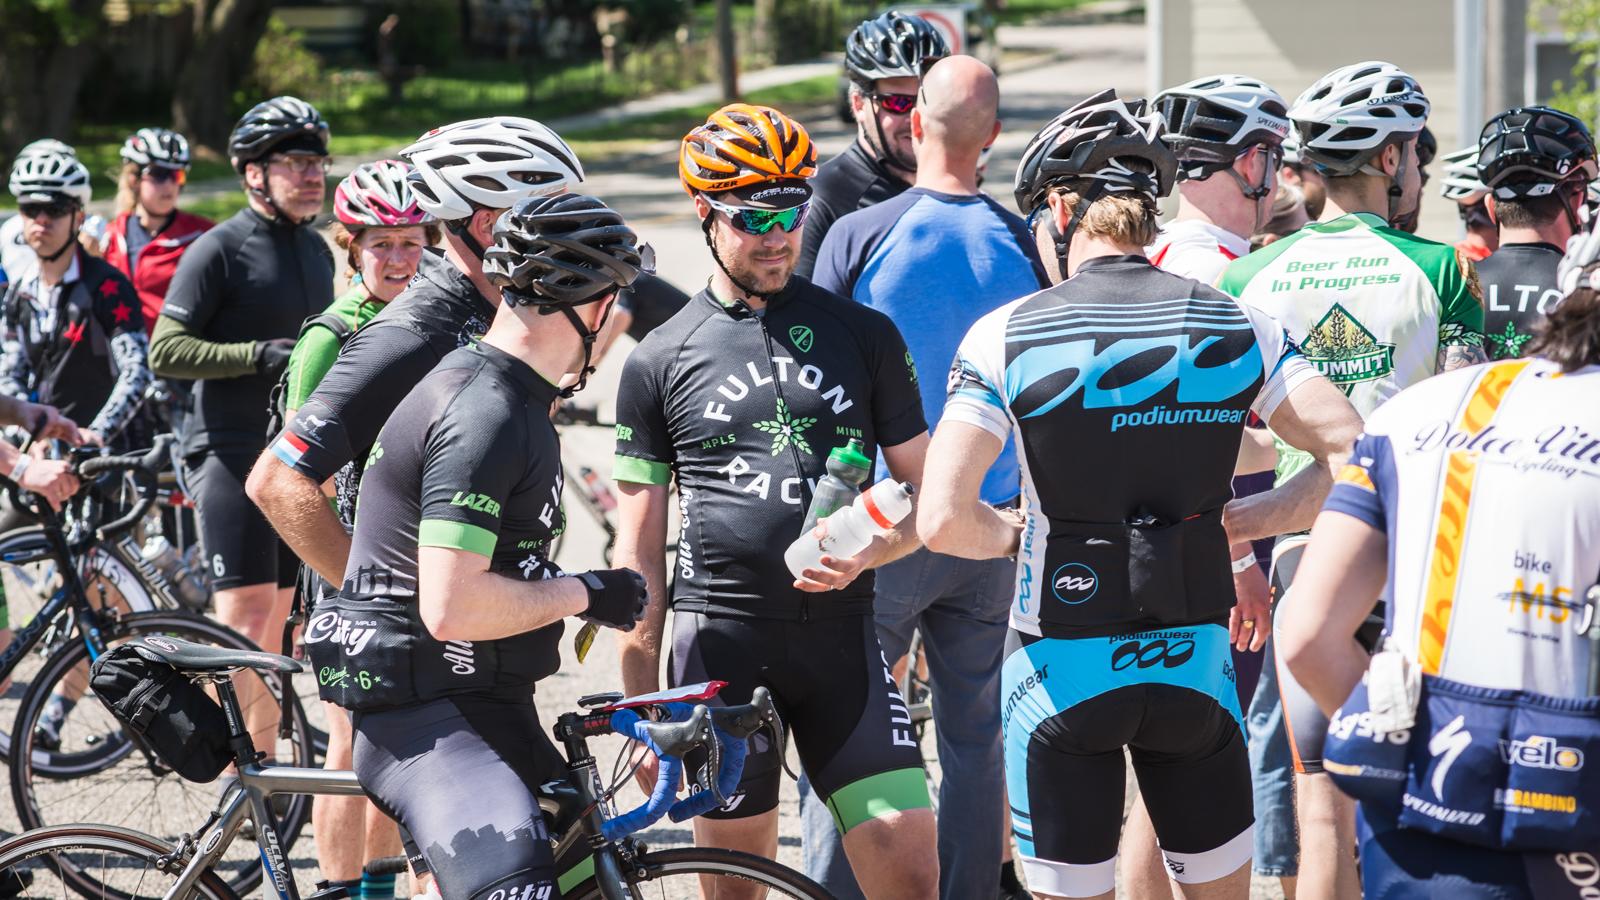 RidePage_Carousel_photos-3.jpg